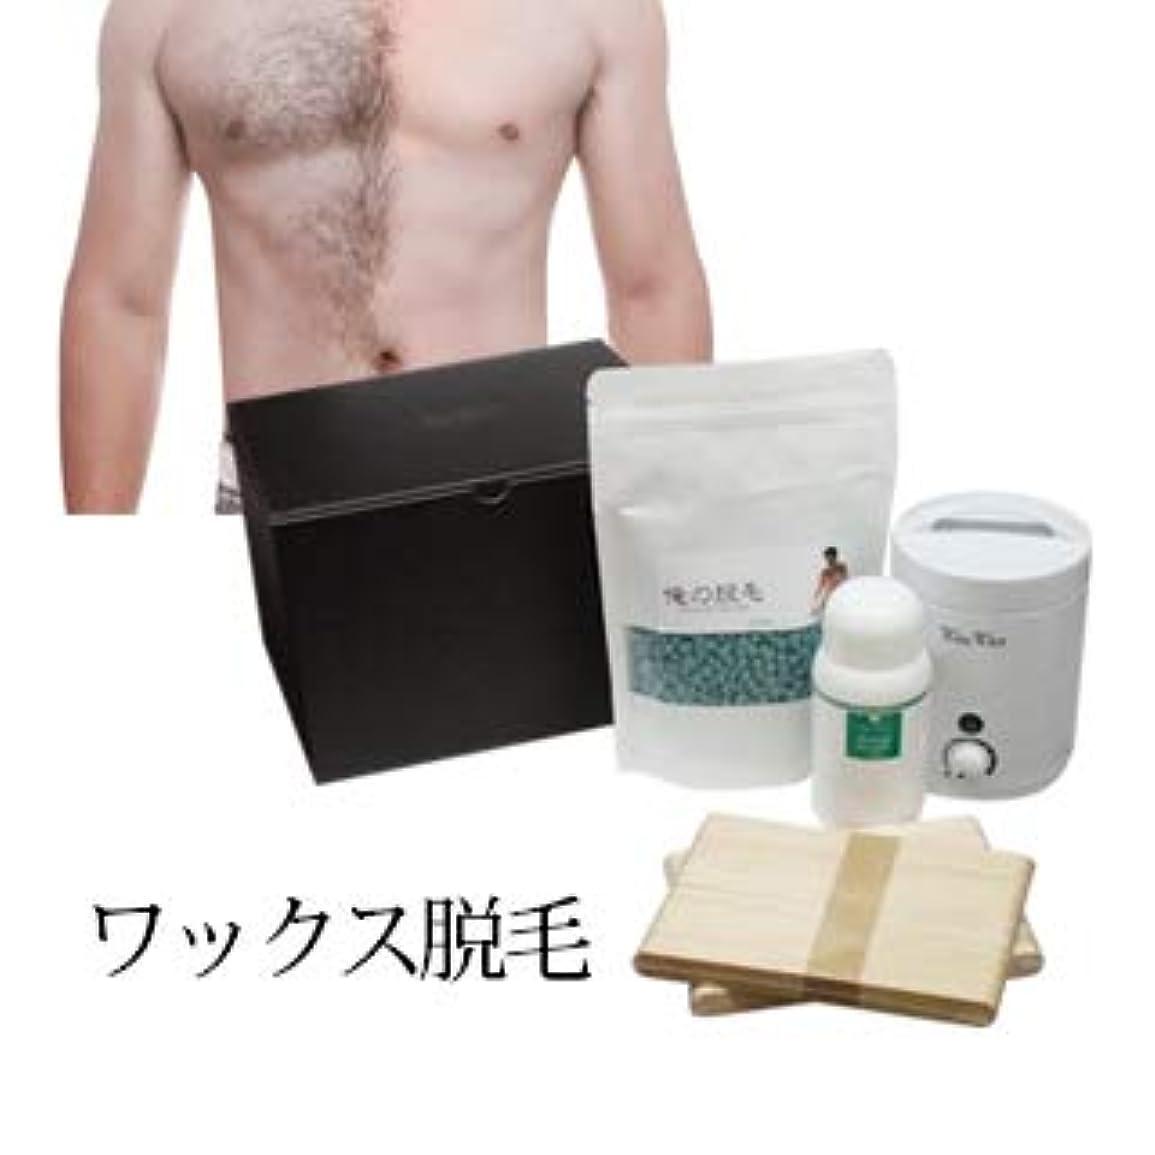 天皇キャンドルボット【メンズ 俺の脱毛】WaxWax ワックス脱毛キット